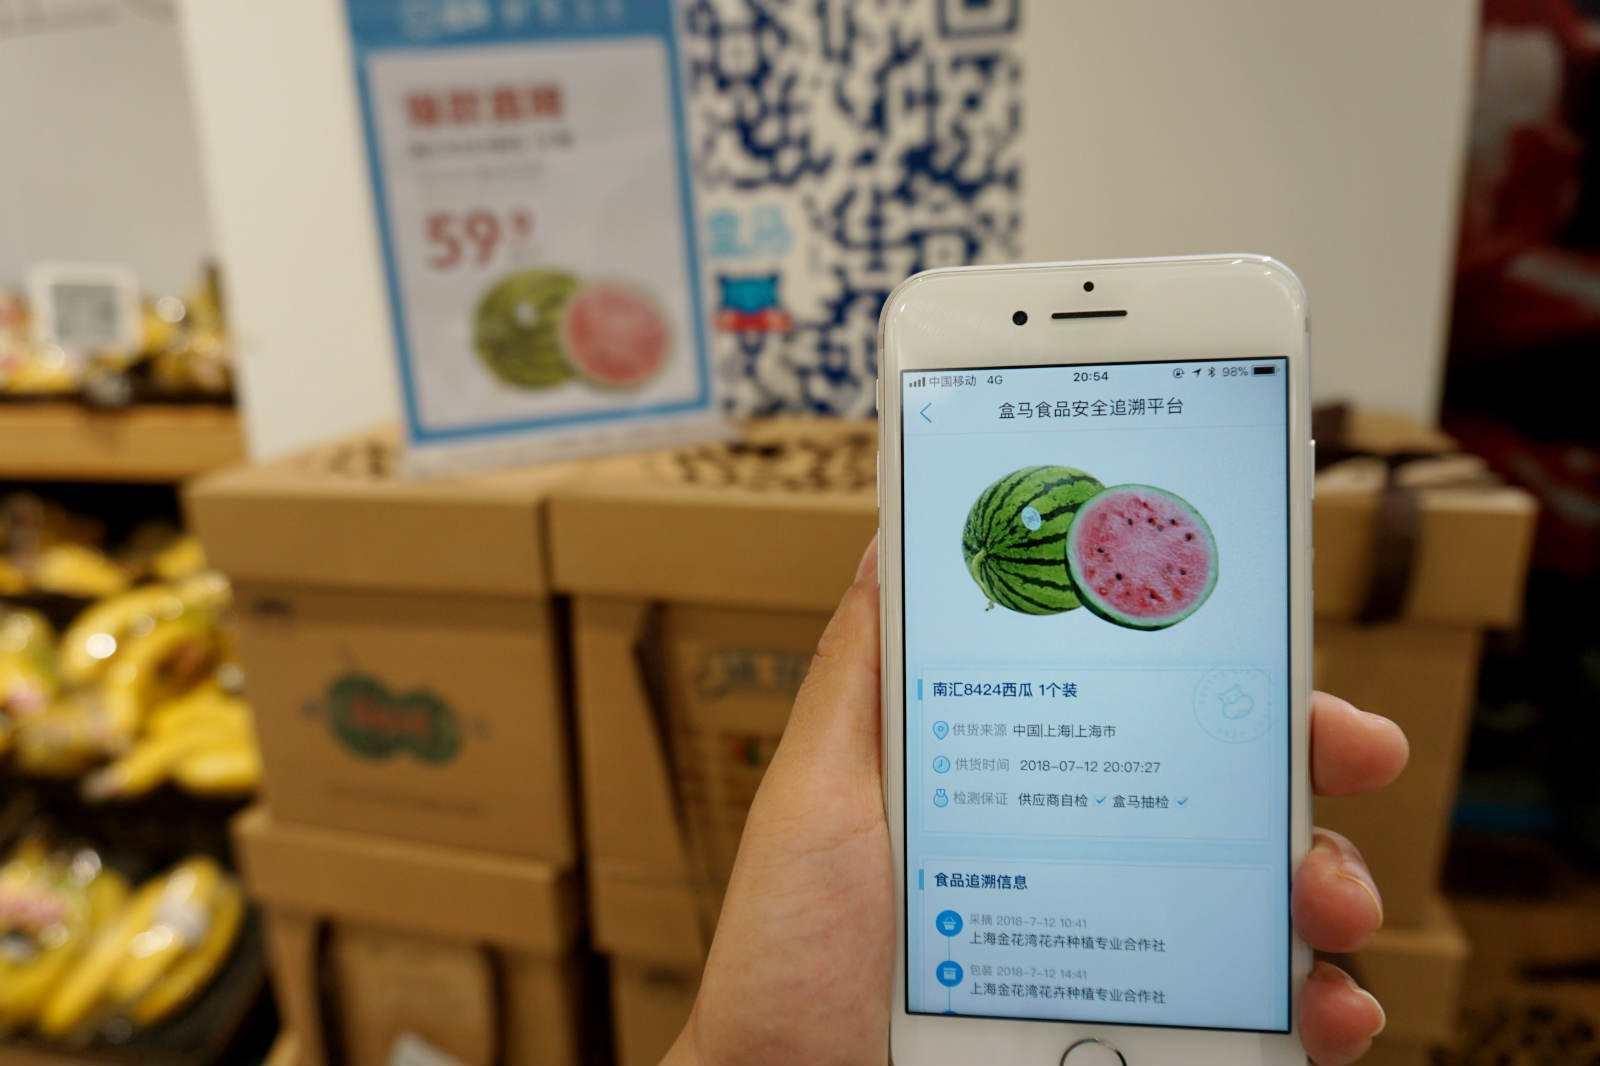 买菜APP大评测是怎么回事 买菜APP大评测是什么情况_52z.com